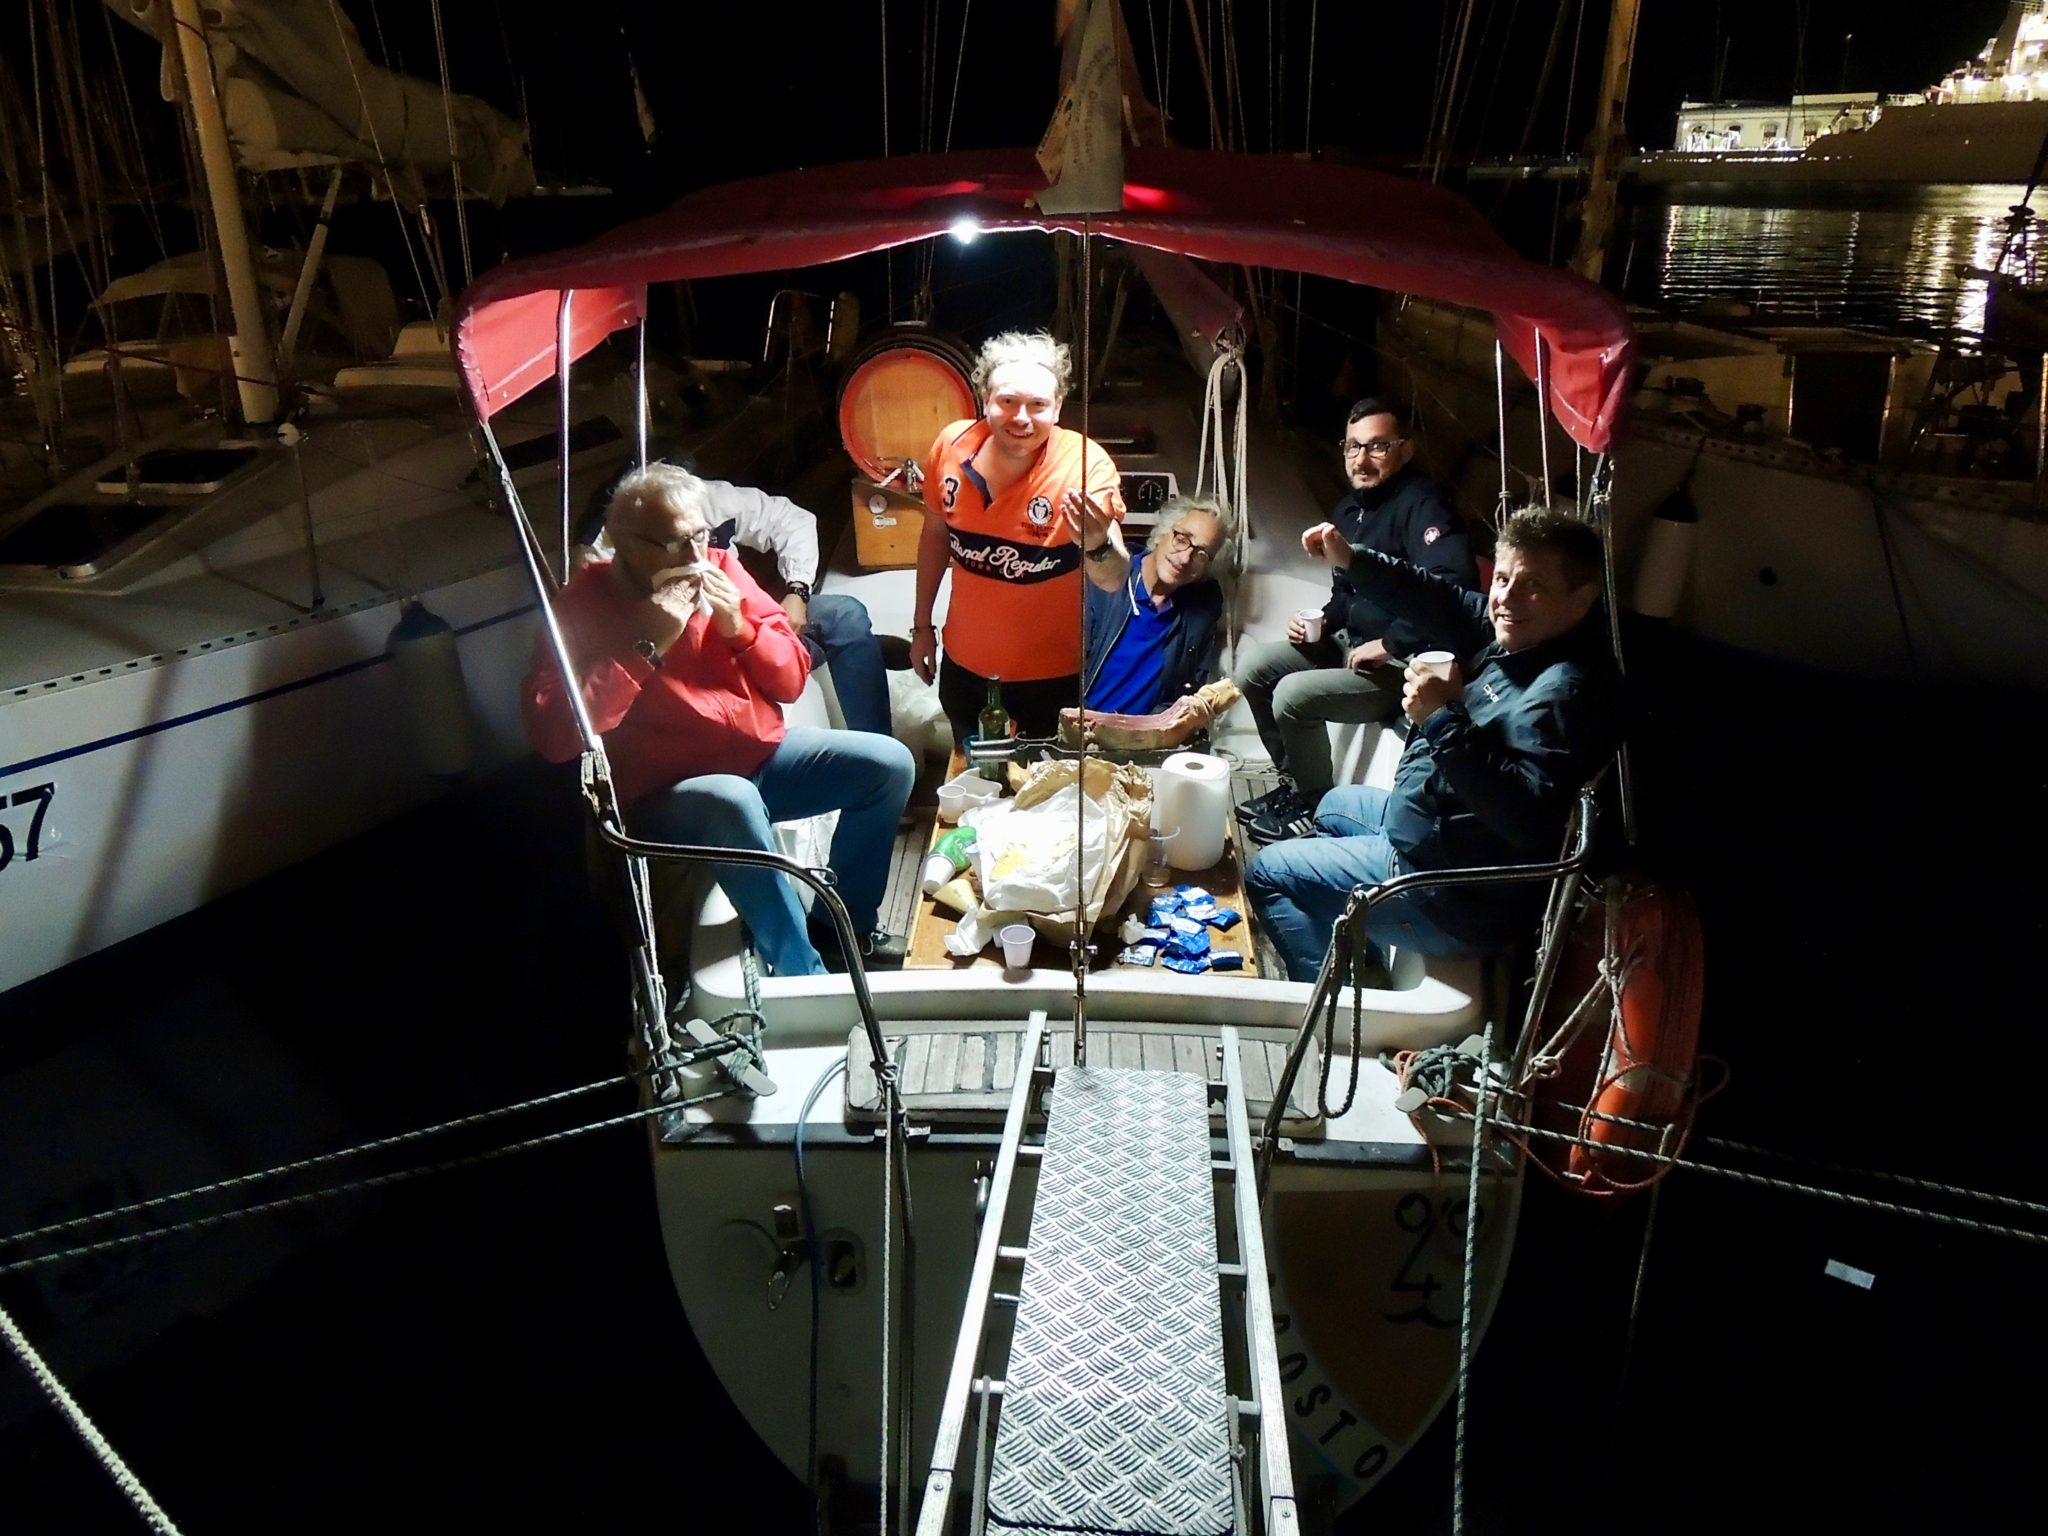 Da cinquant'anni la Barcolana porta più di 2000 barche, la seconda domenica di ottobre, nel Golfo di Trieste. Il nostro reportage